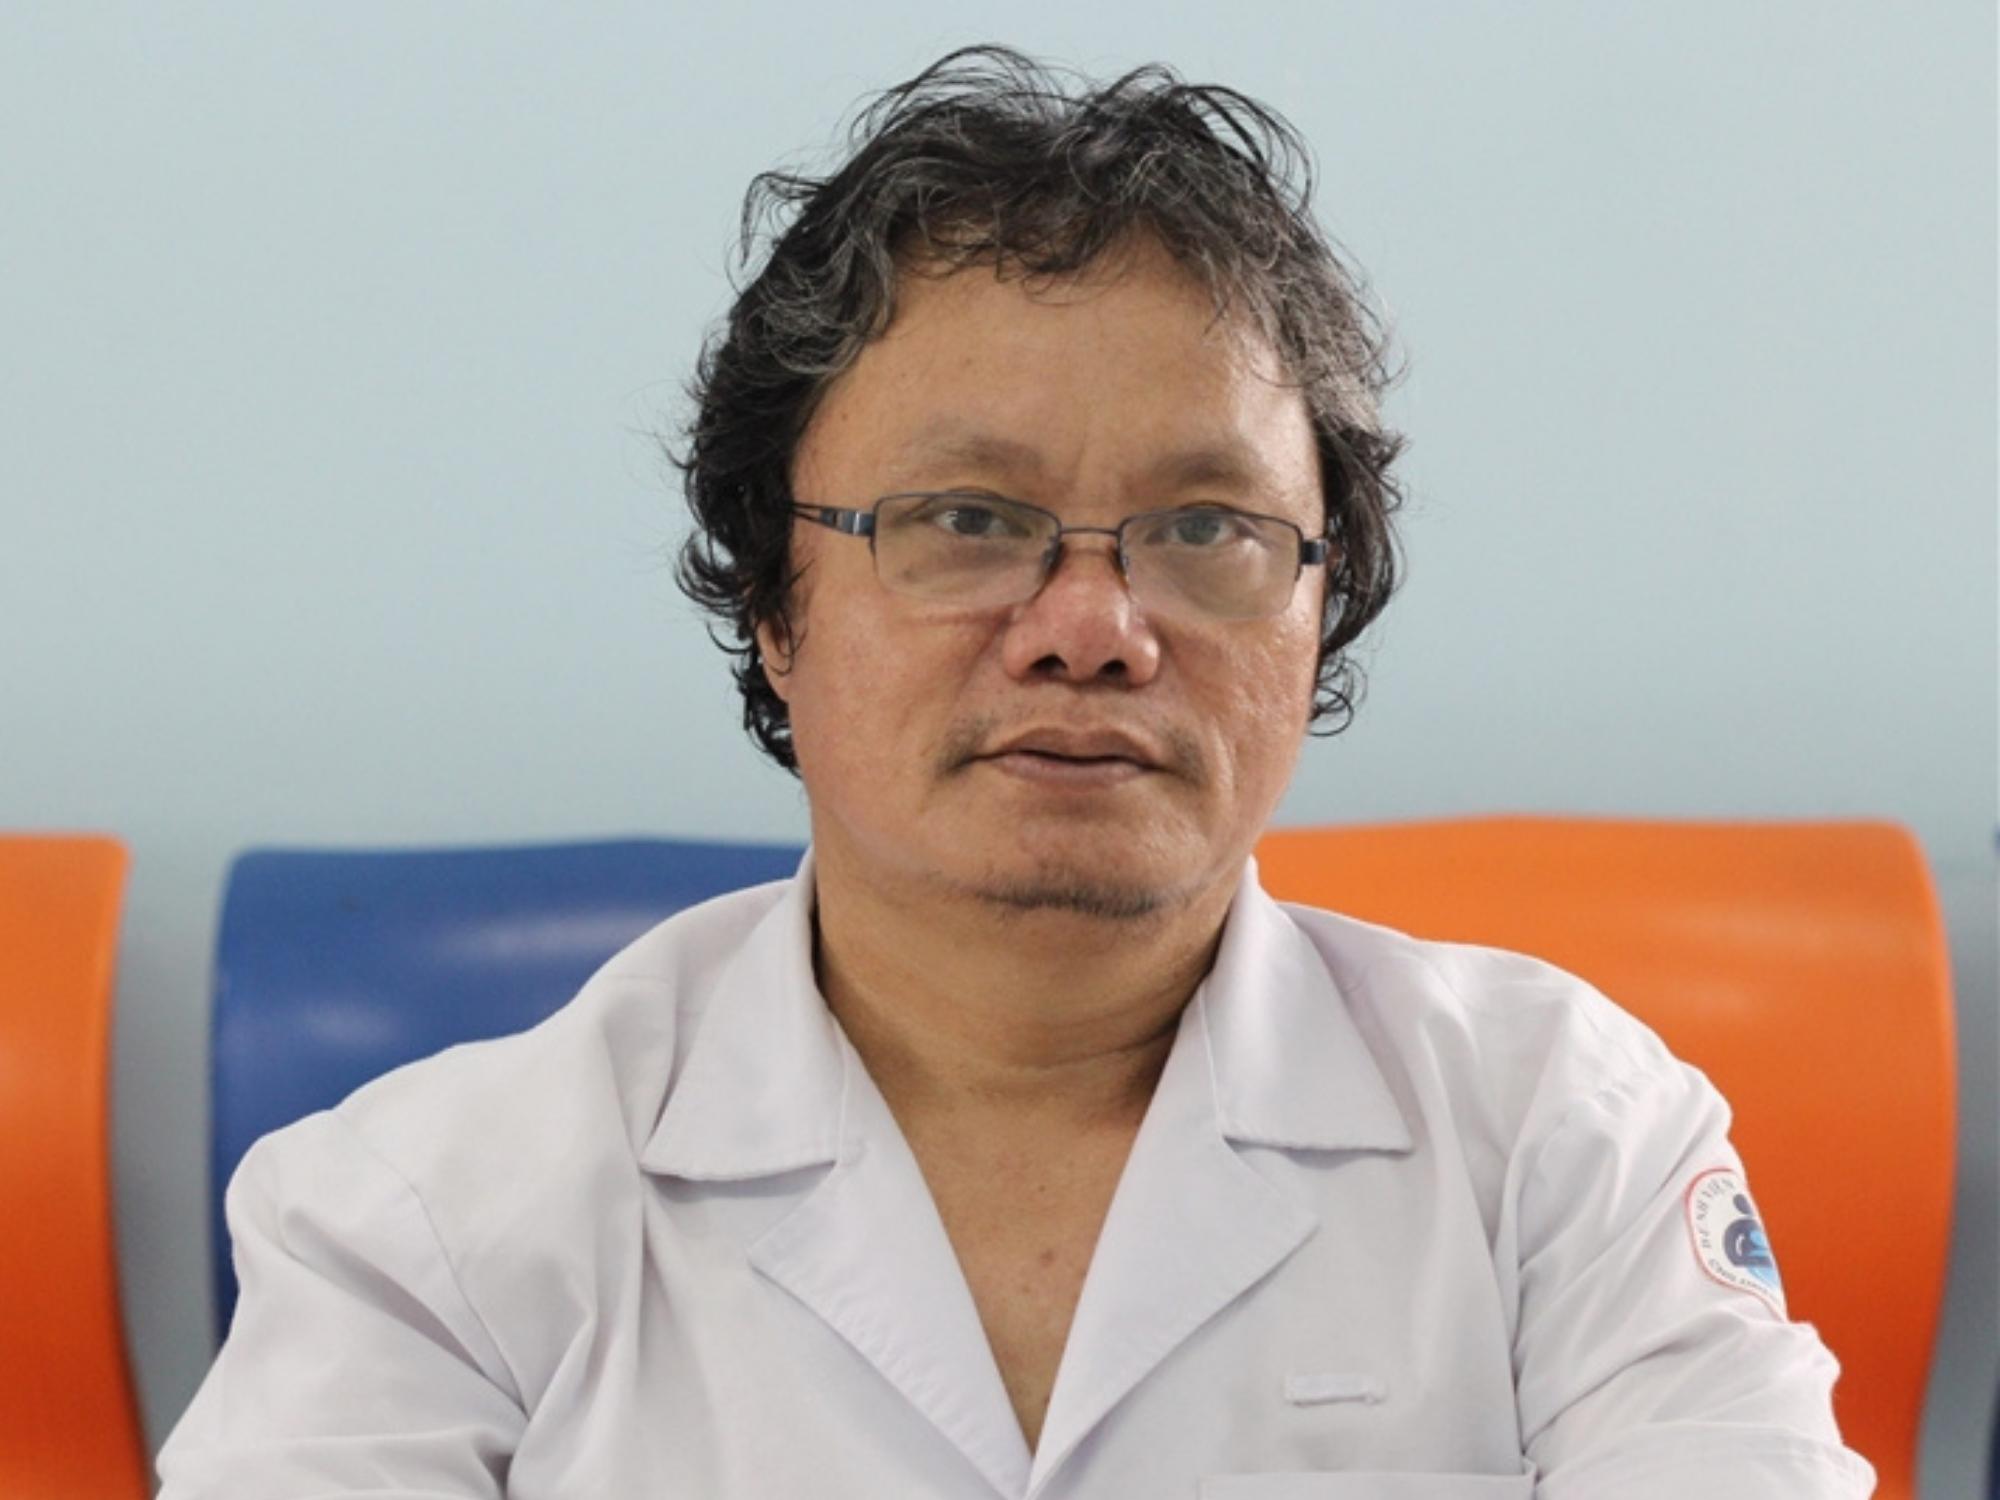 Tránh thành F0 khi sống trong vùng dịch, BS Trương Hữu Khanh lưu ý đặc biệt: 'Thực hiện 5K rất quan trọng'